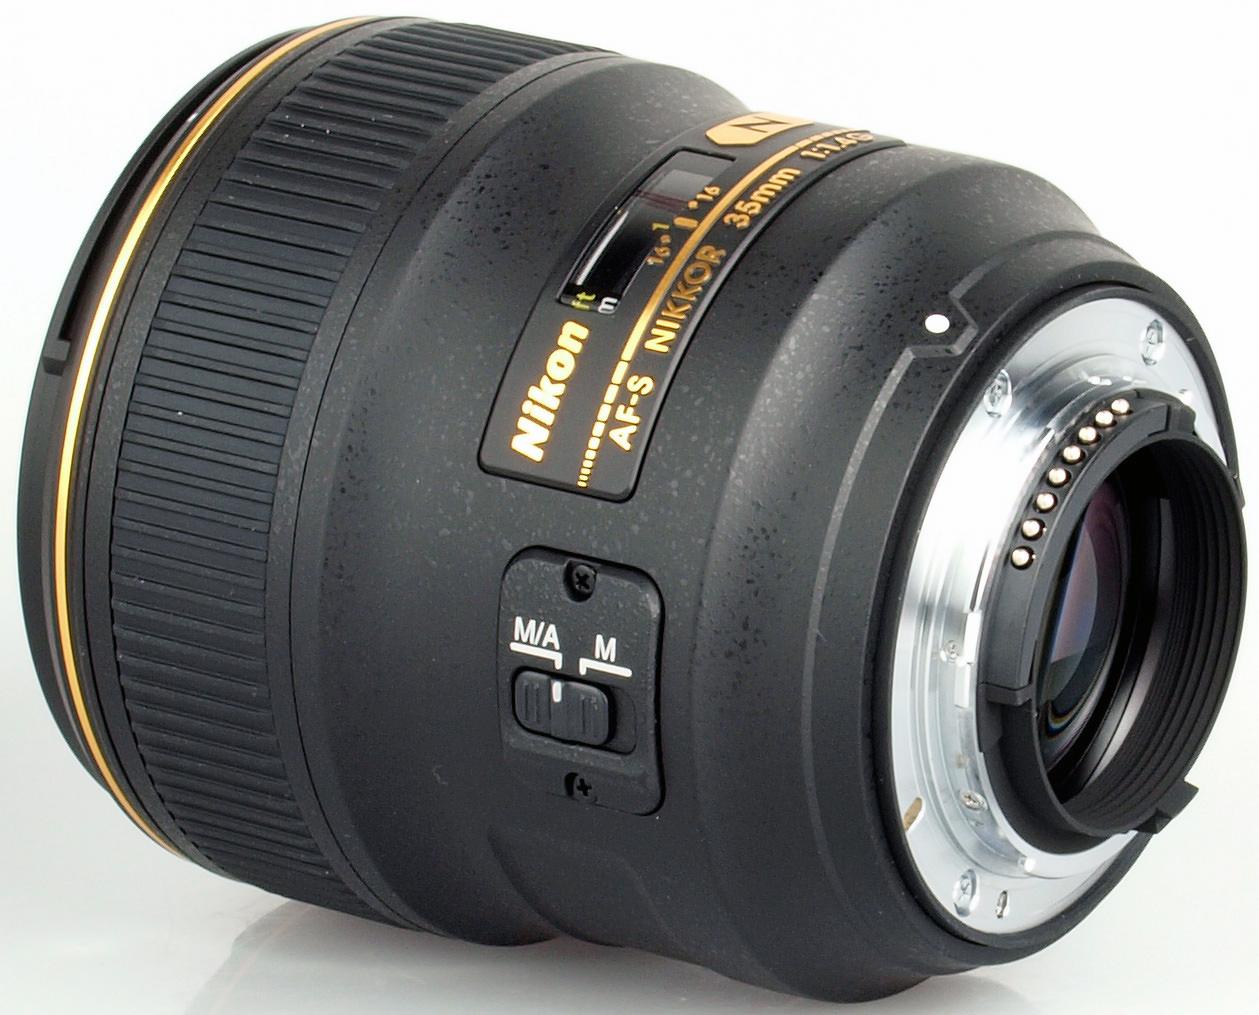 nikon af s nikkor 35mm f 1 4g lens review